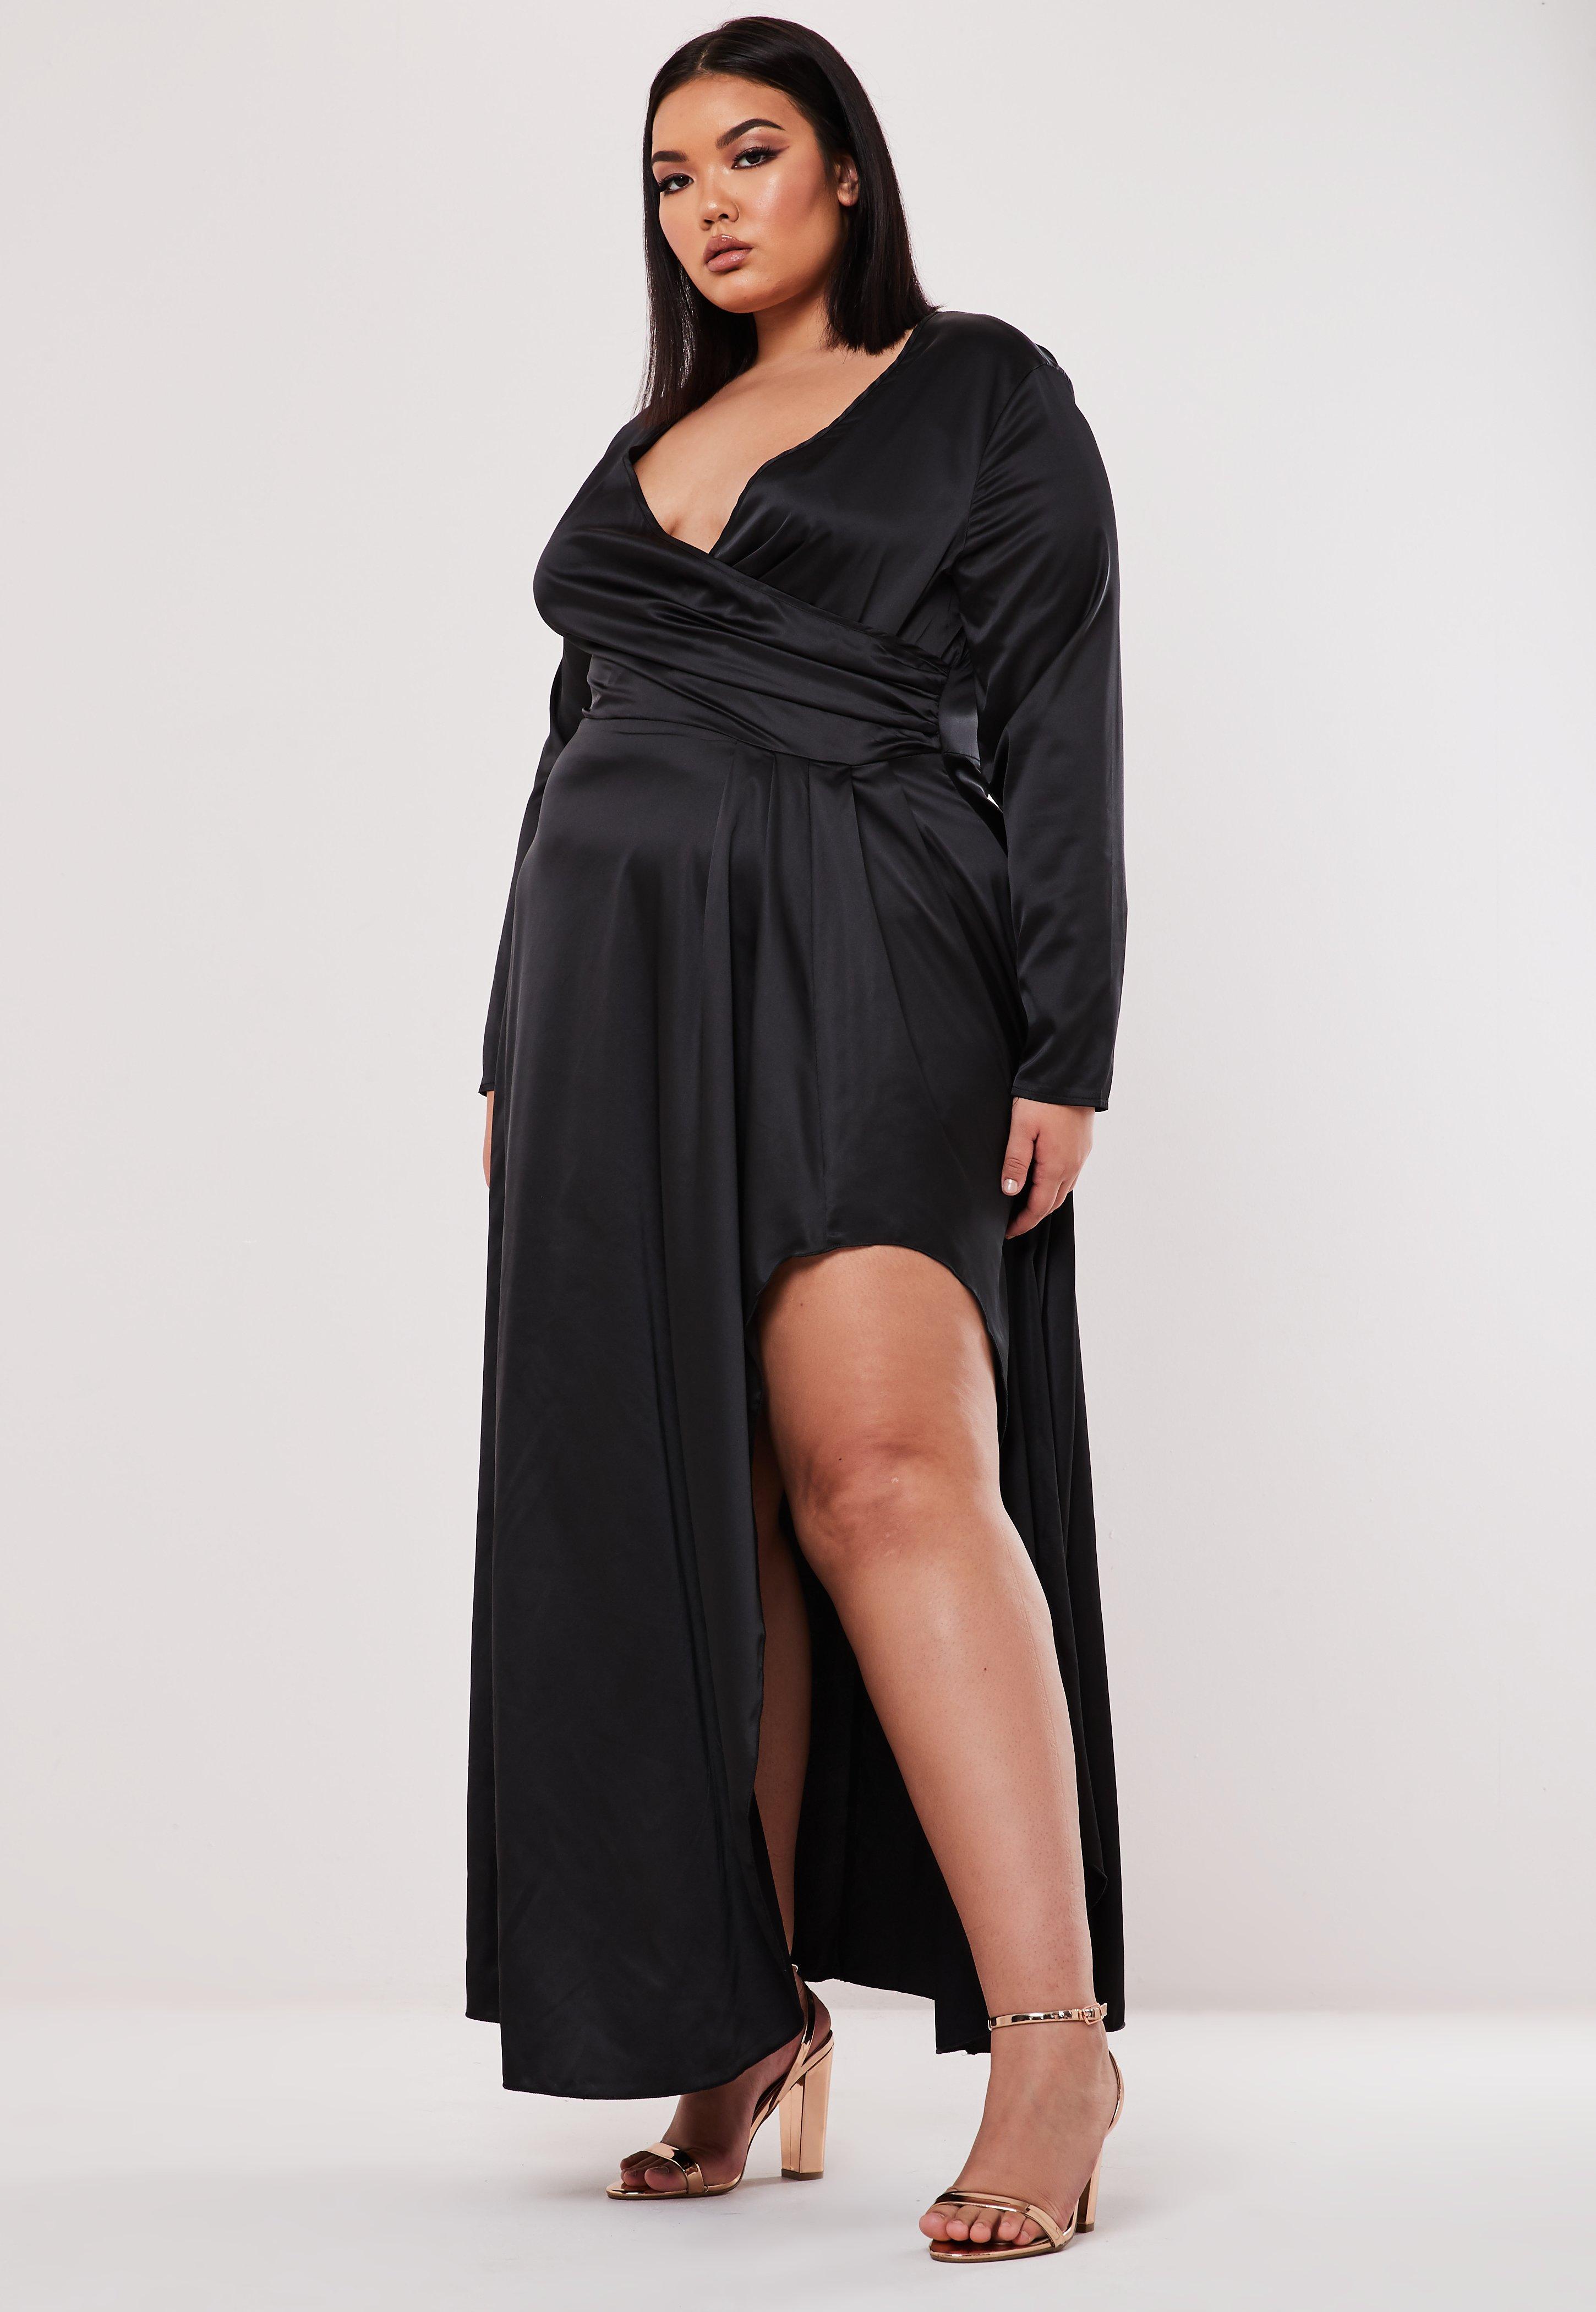 revendeur 112aa d65f9 Robe noire longue en satin Grandes tailles